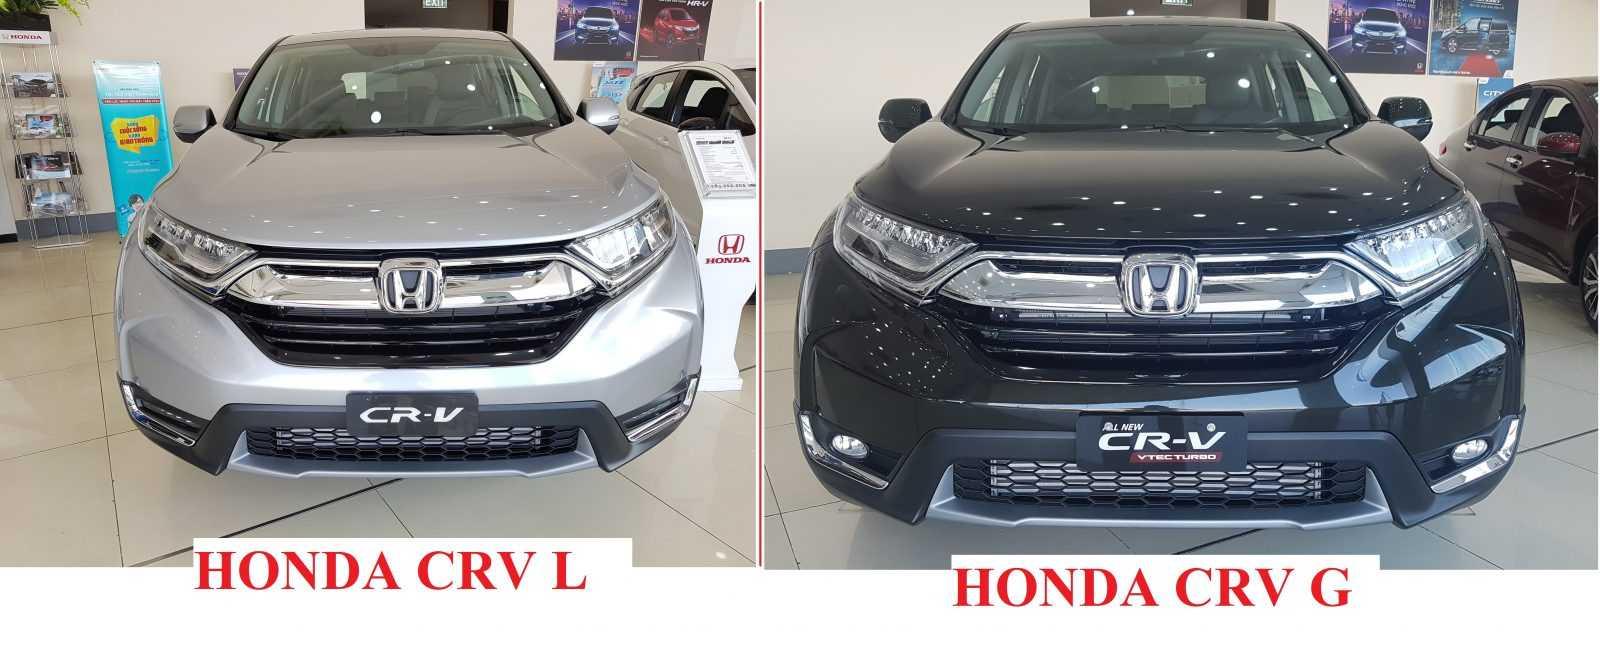 Điểm khác nhau giữa Honda CRV G và Honda CRV L